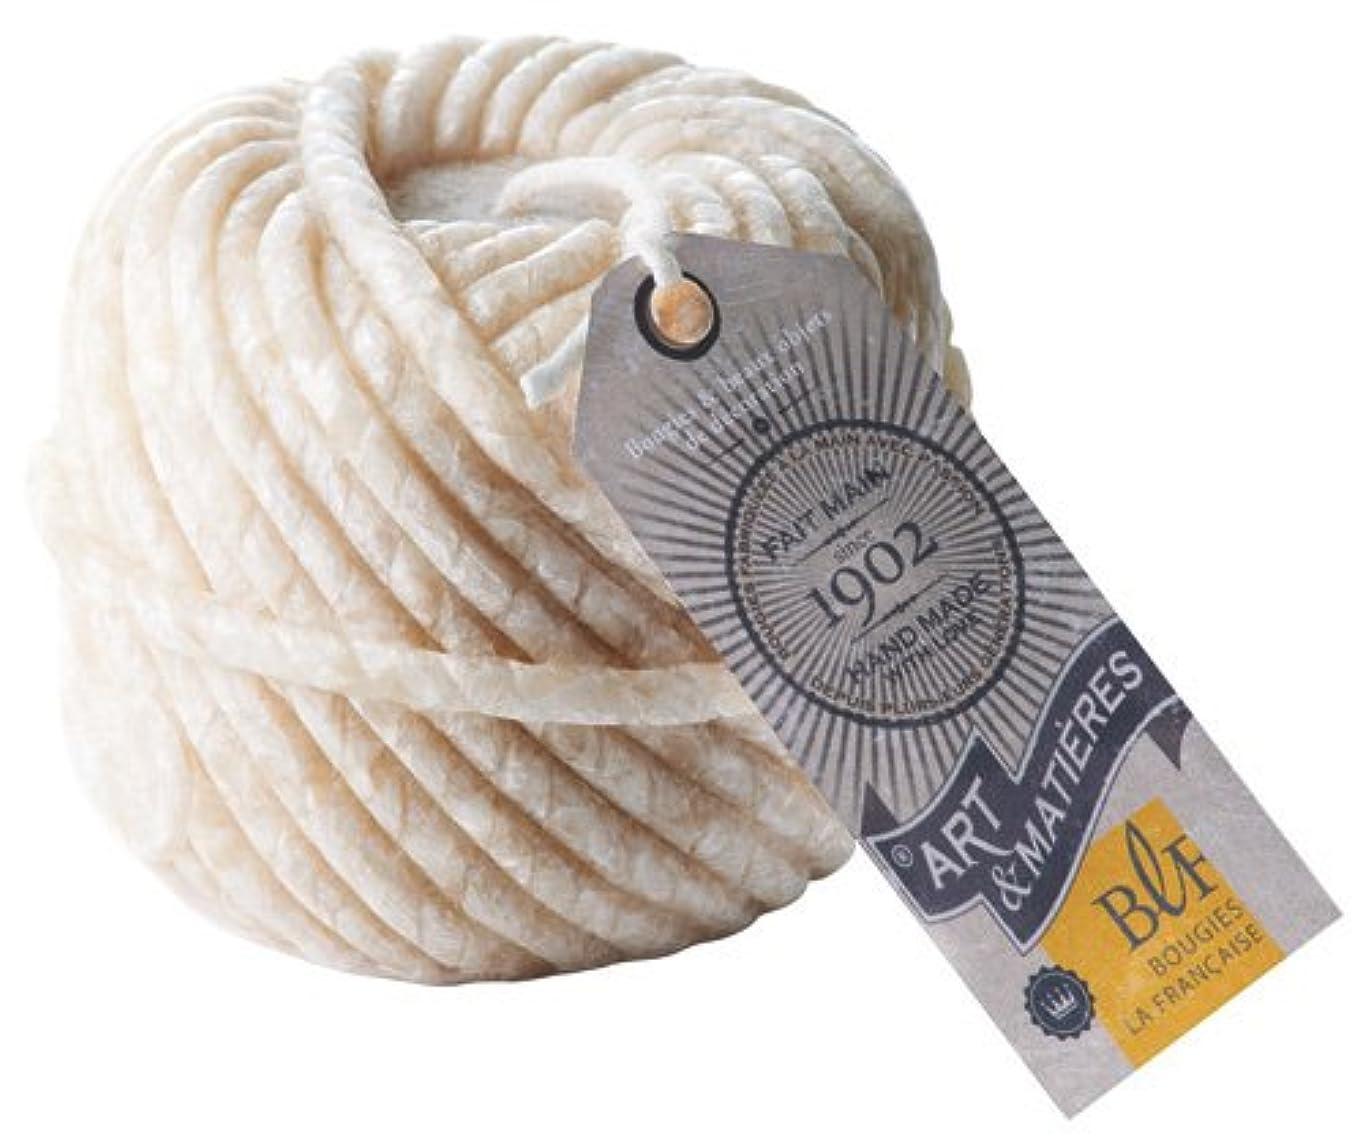 成熟取るに足らないチャーターブジ?ラ?フランセーズ 本物の毛糸玉のような ウールボールキャンドル ホワイト